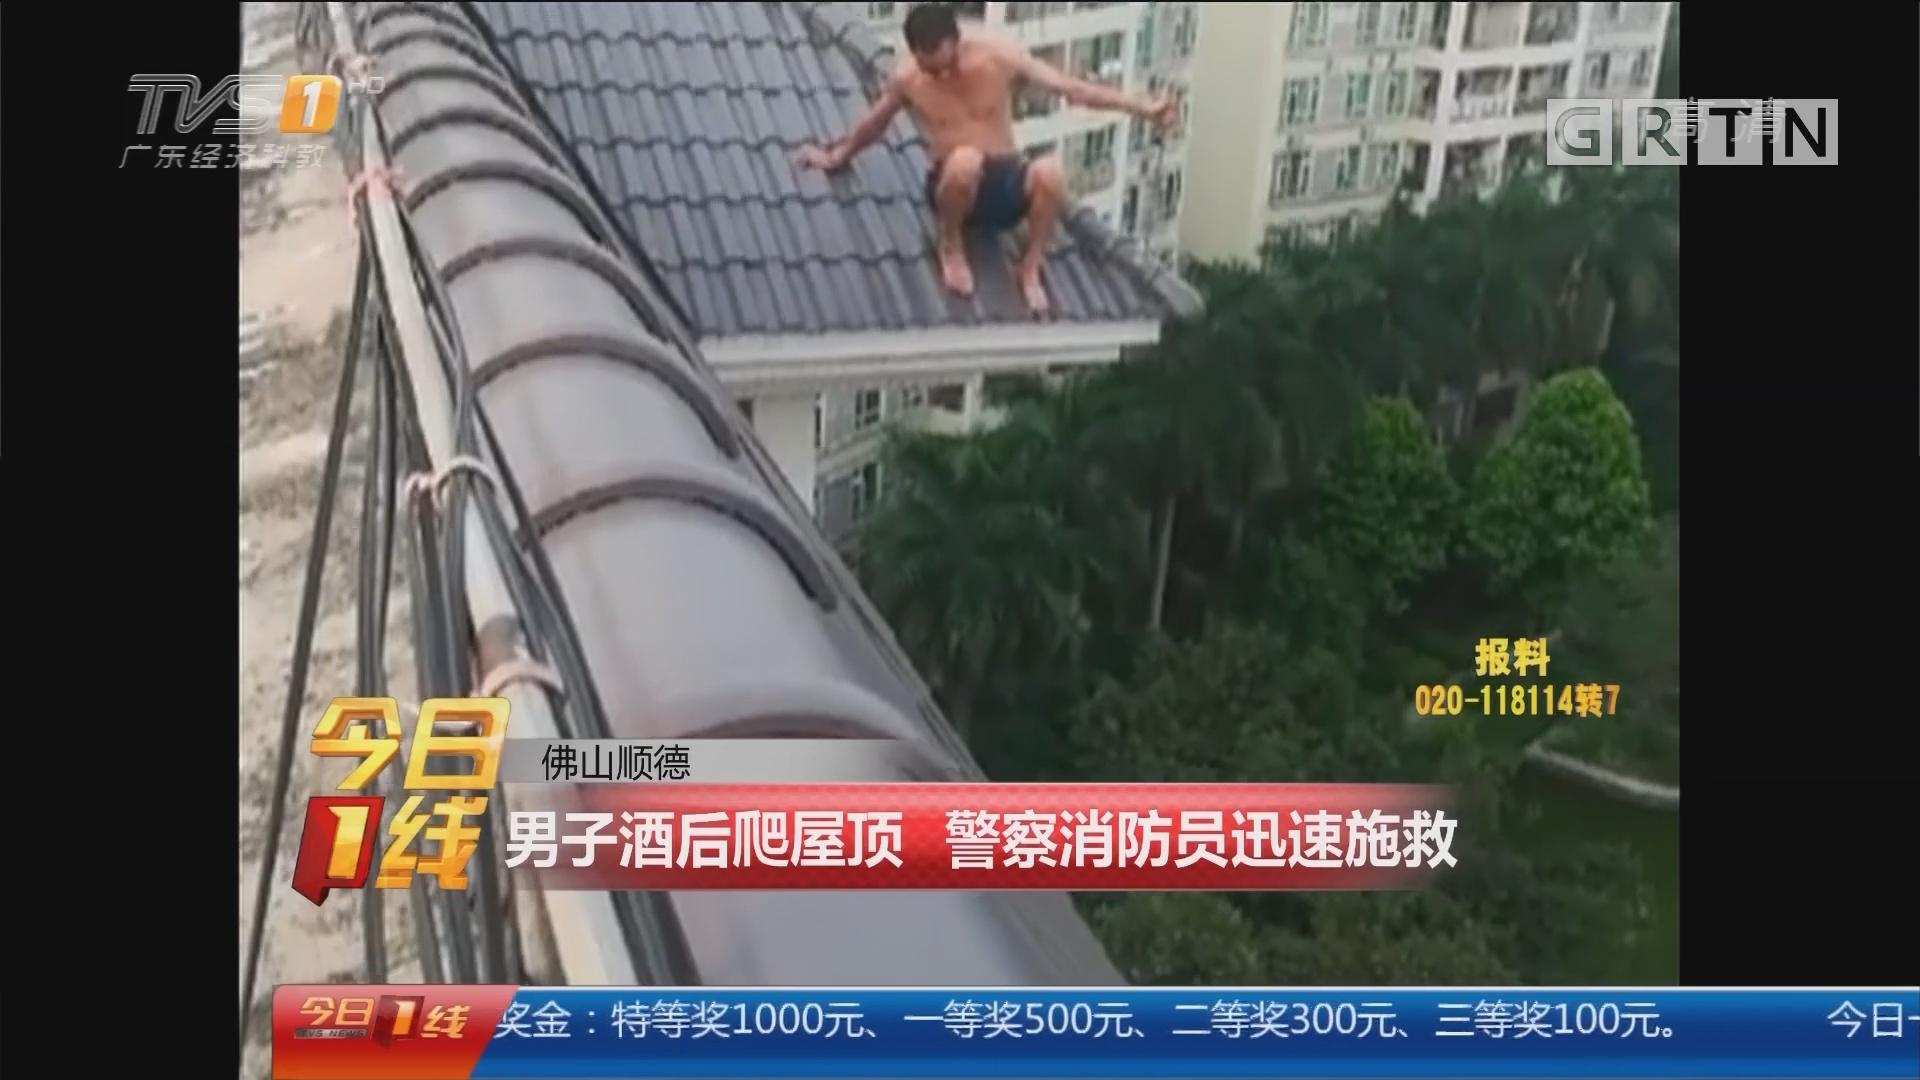 佛山顺德:男子酒后爬屋顶 警察消防员迅速施救